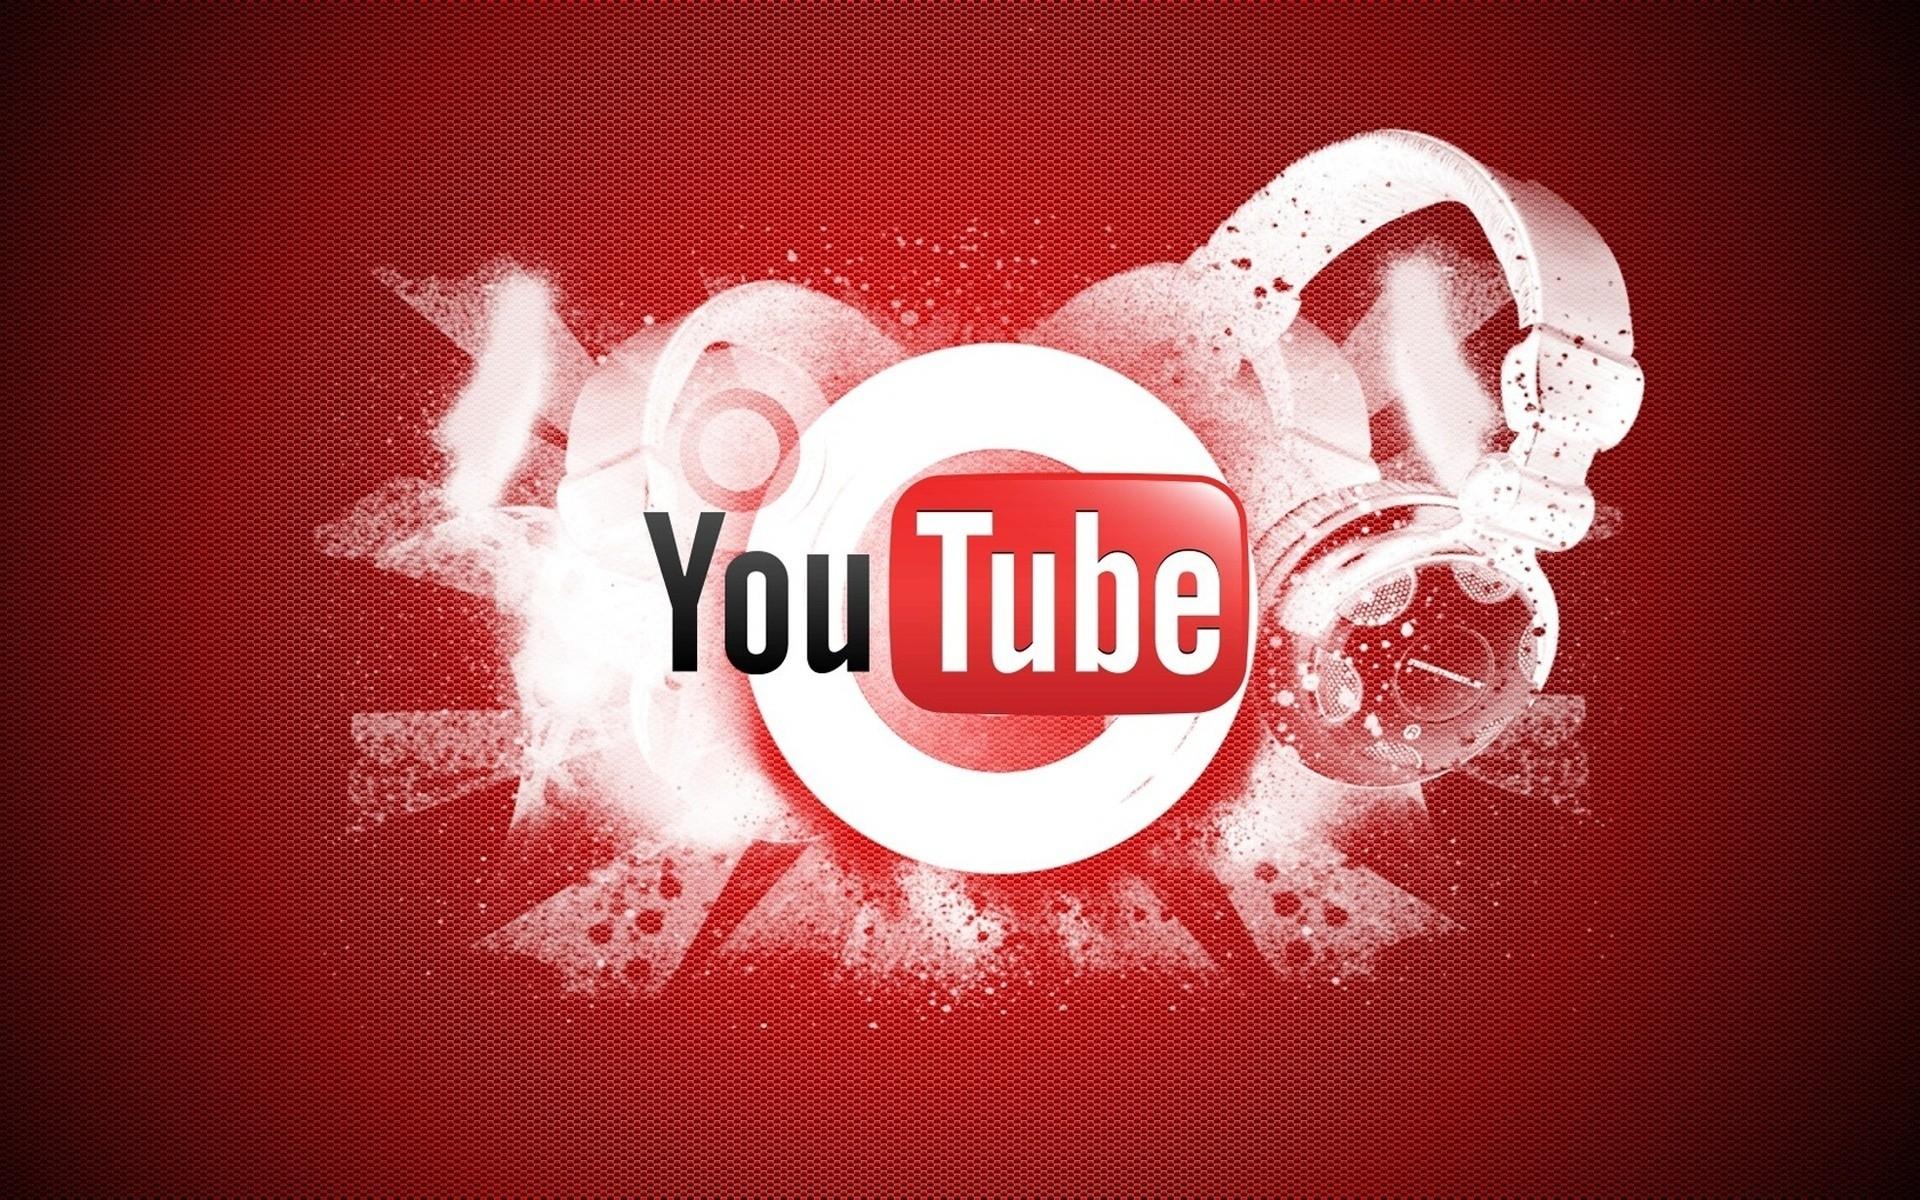 Youtube логотип, широкоформатные hd обои на рабочий стол, 1920 на 1200 пикселей